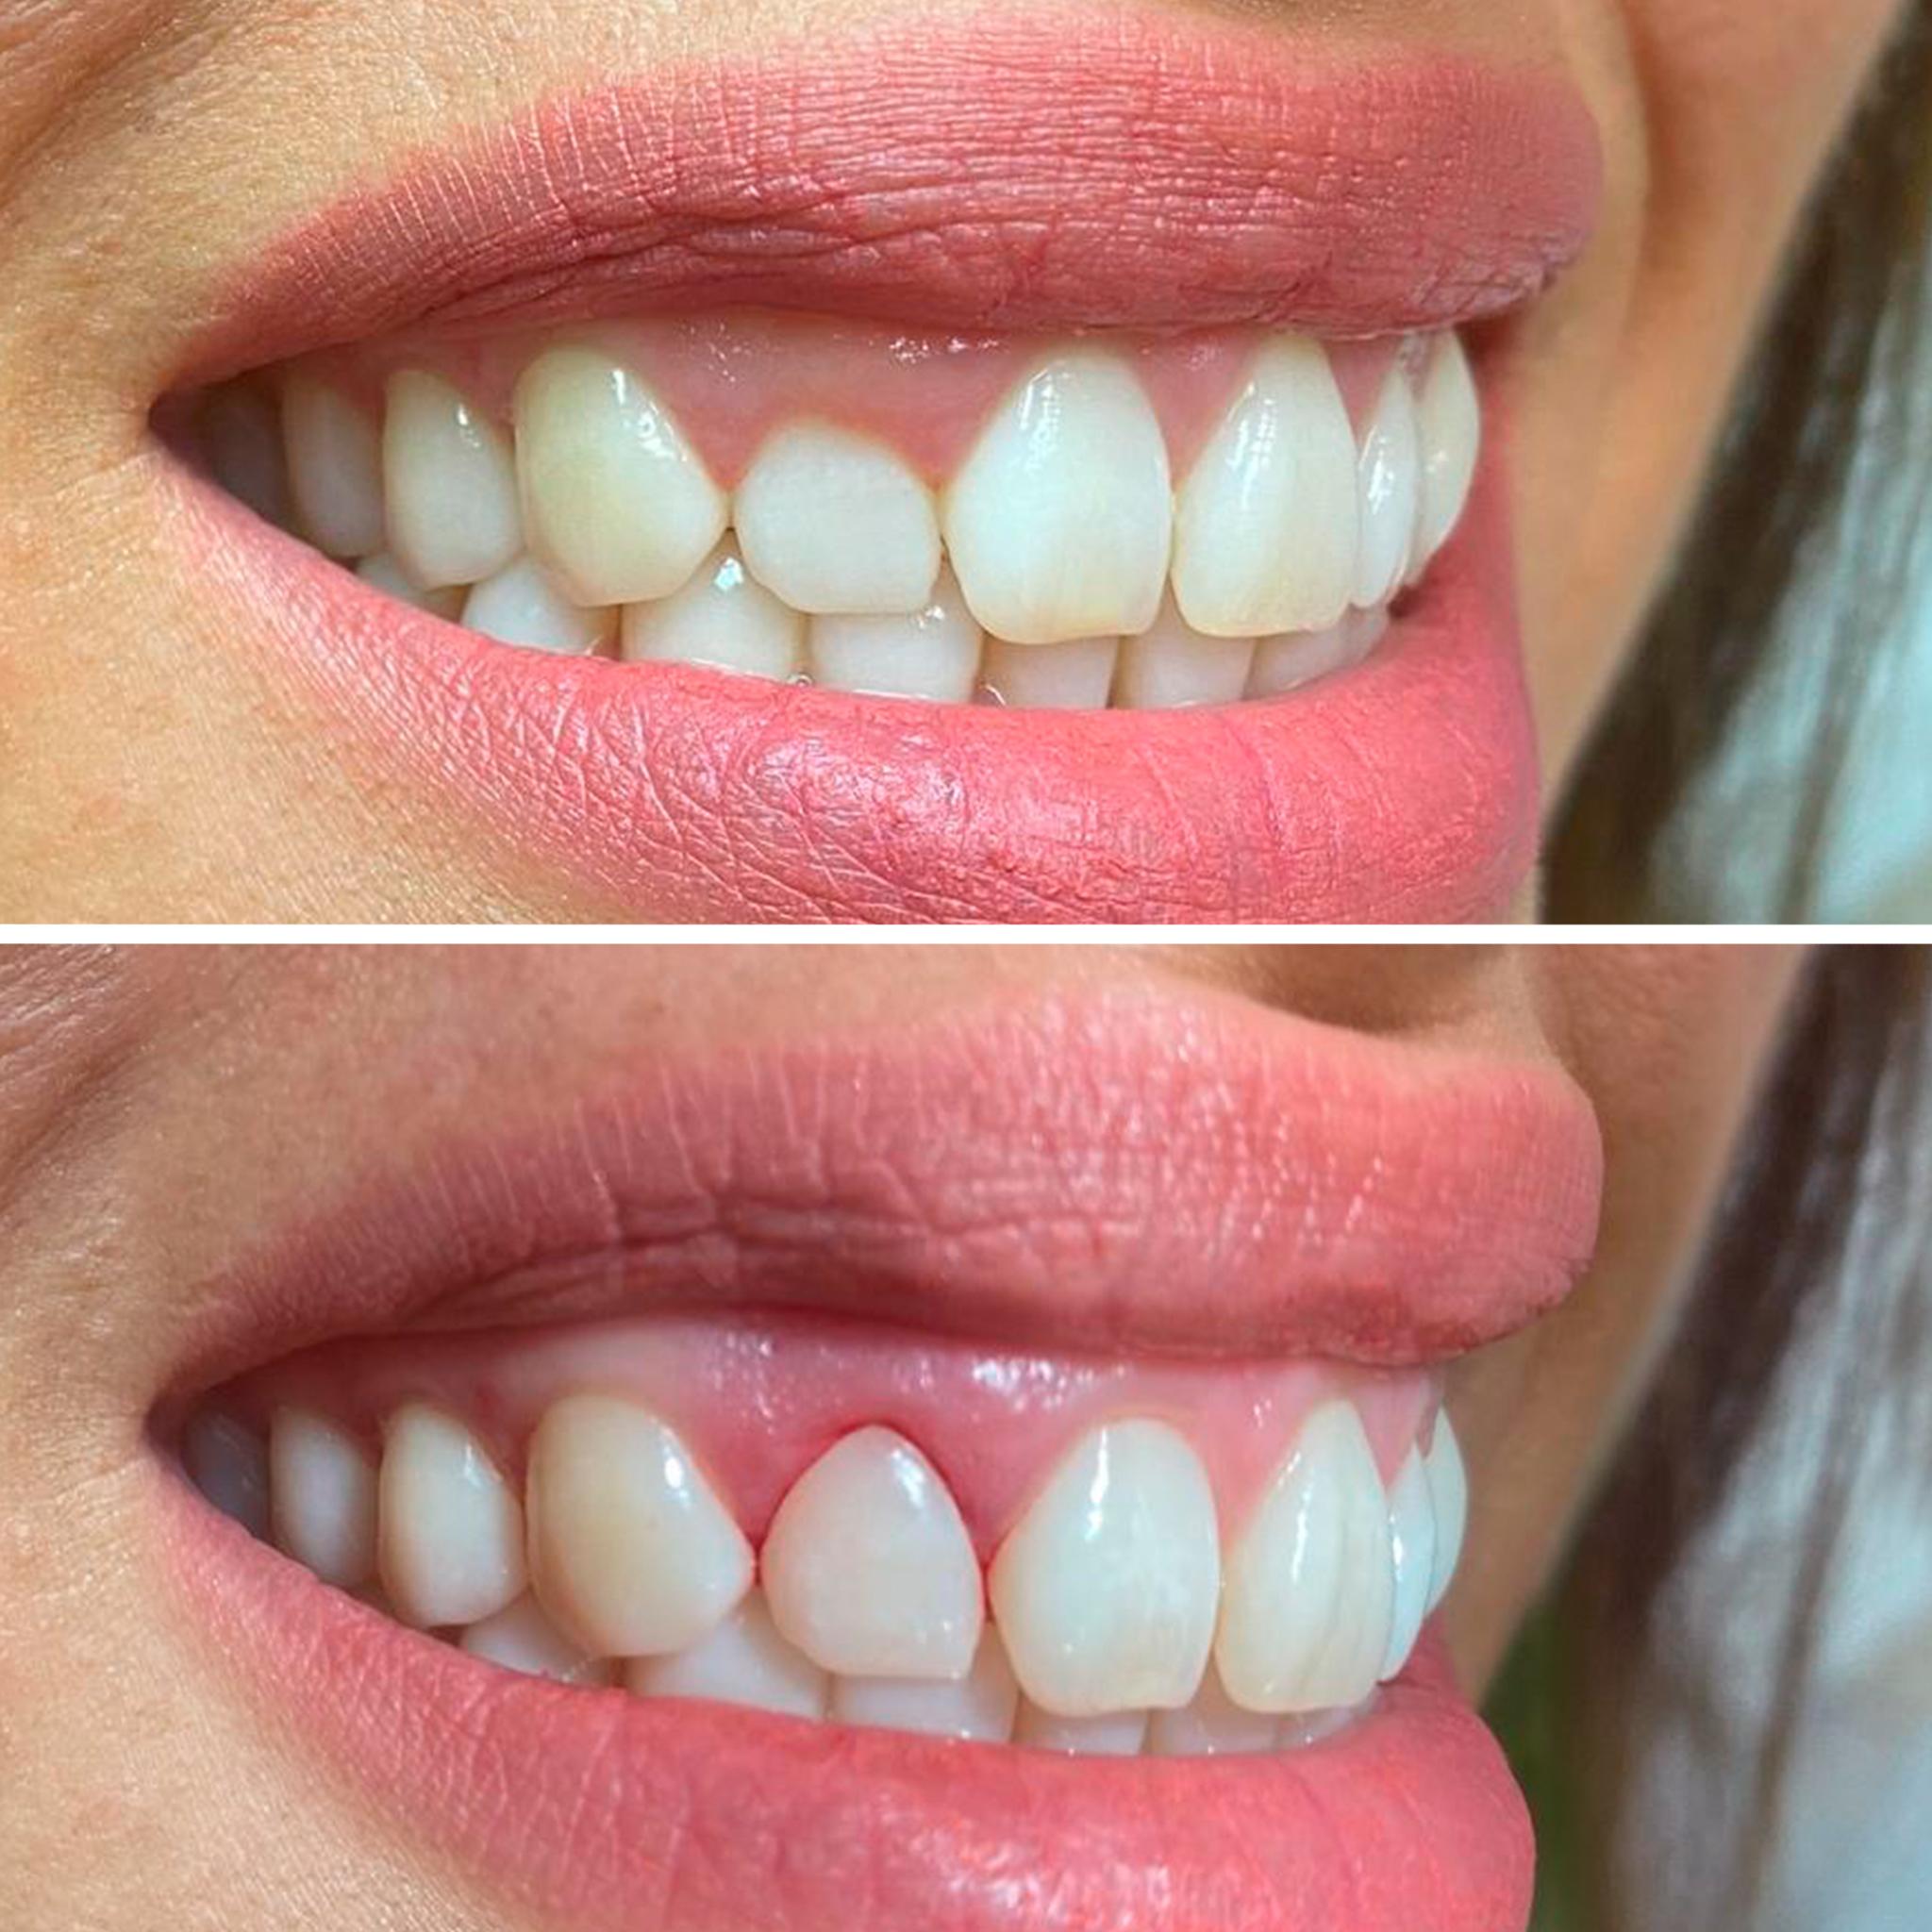 Caso real de odontología restauradora - Clínica Sánchez-Campos